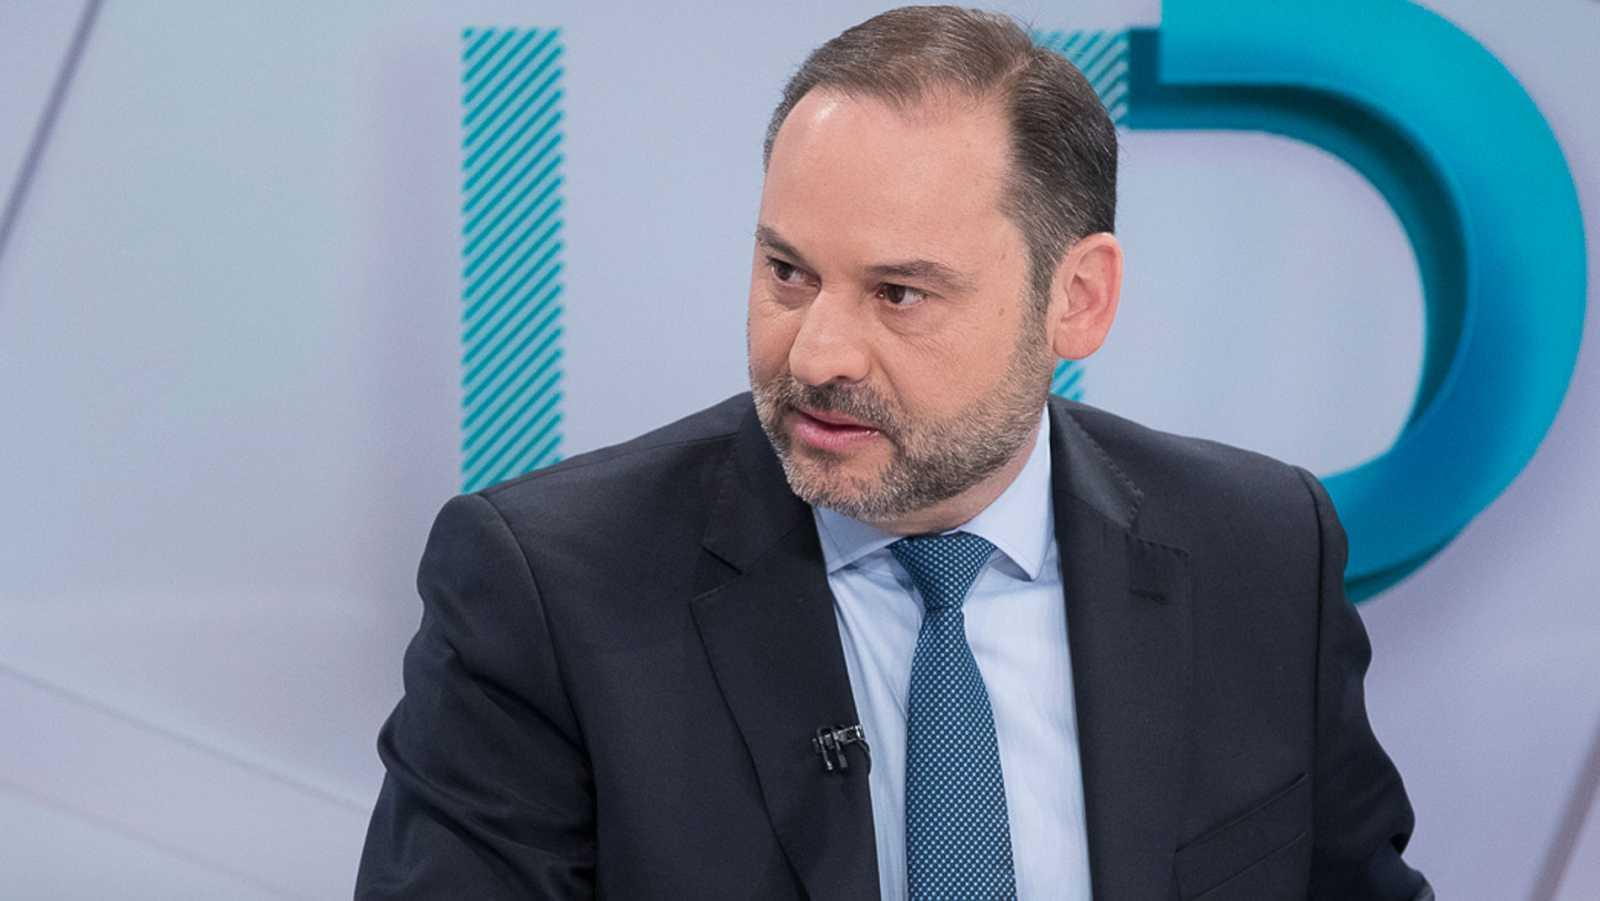 """Ábalos justifica la ausencia de Sánchez en un debate en TVE como una estrategia electoral """"interesada"""""""